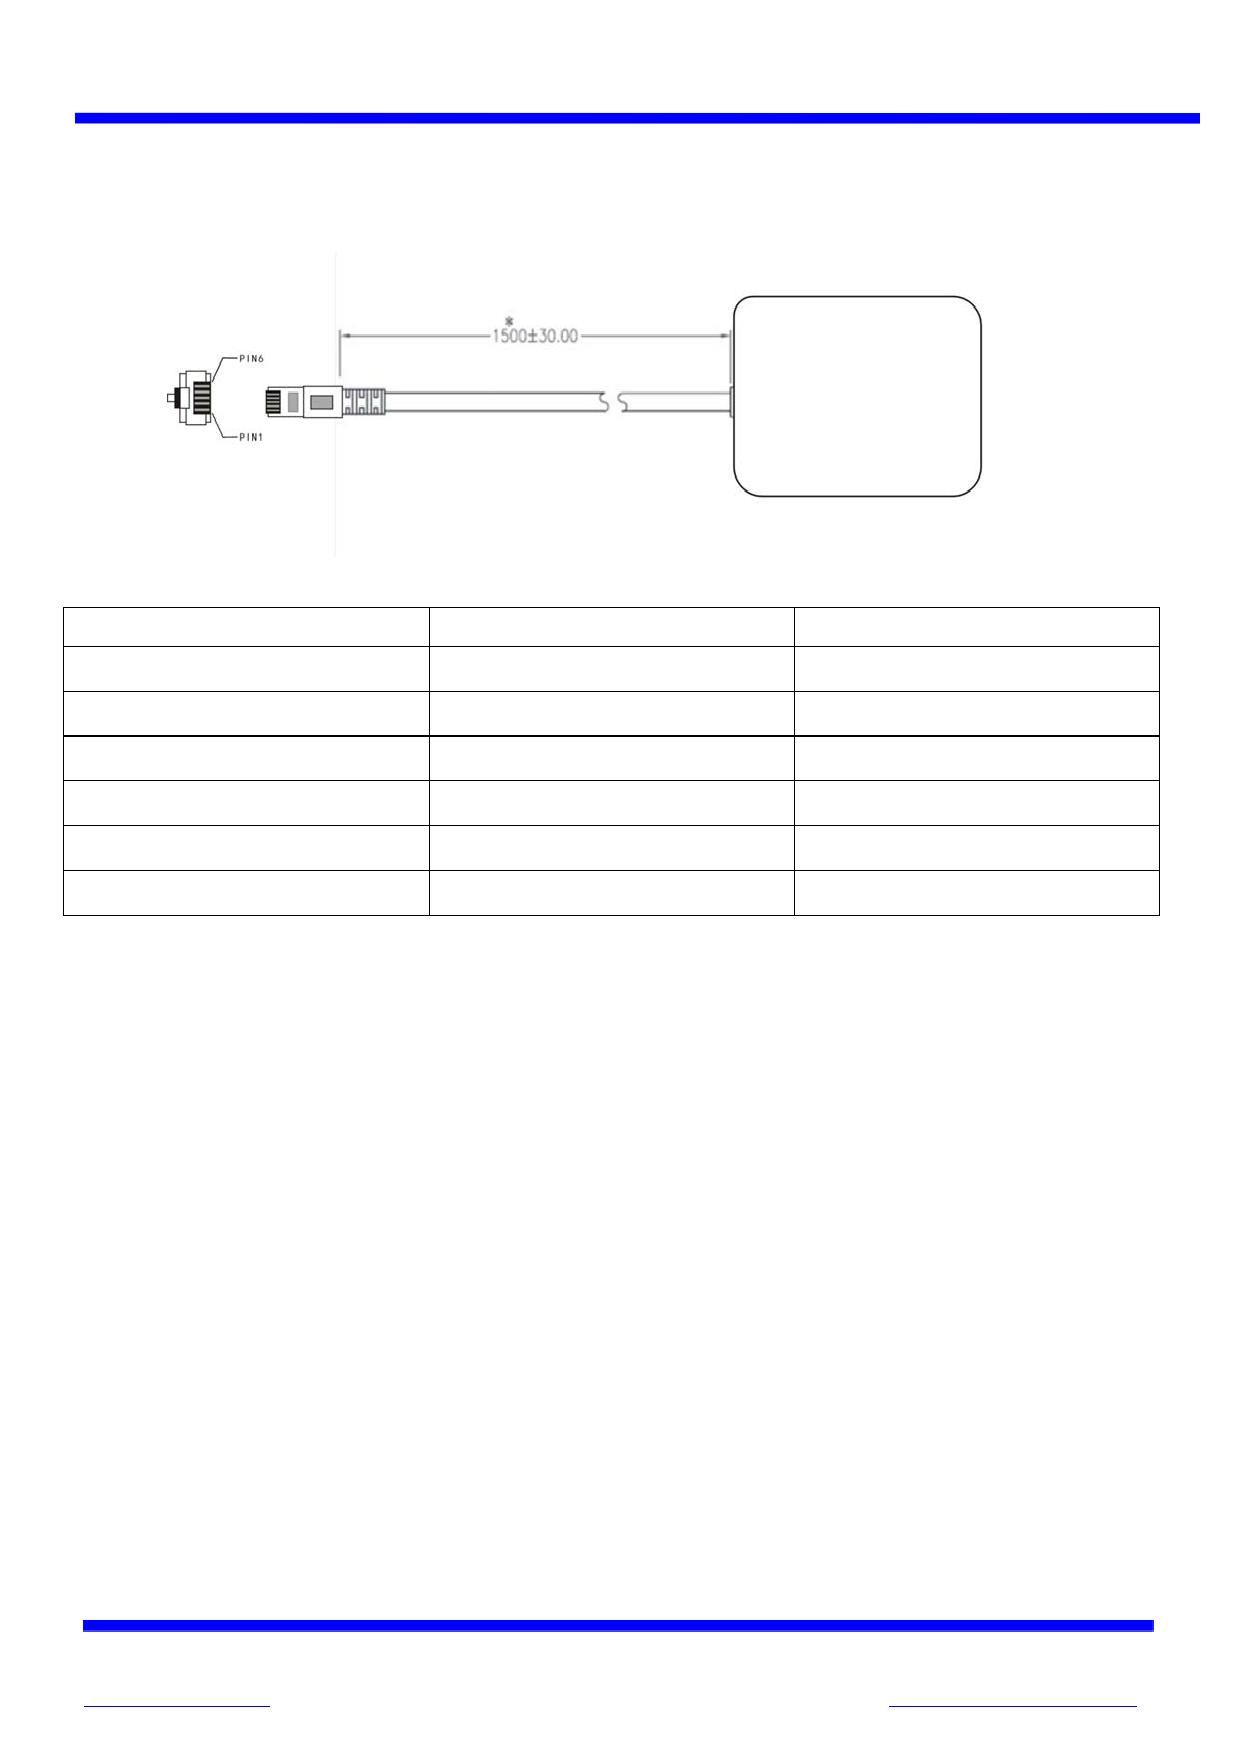 GPS93030SE353 pdf, ピン配列